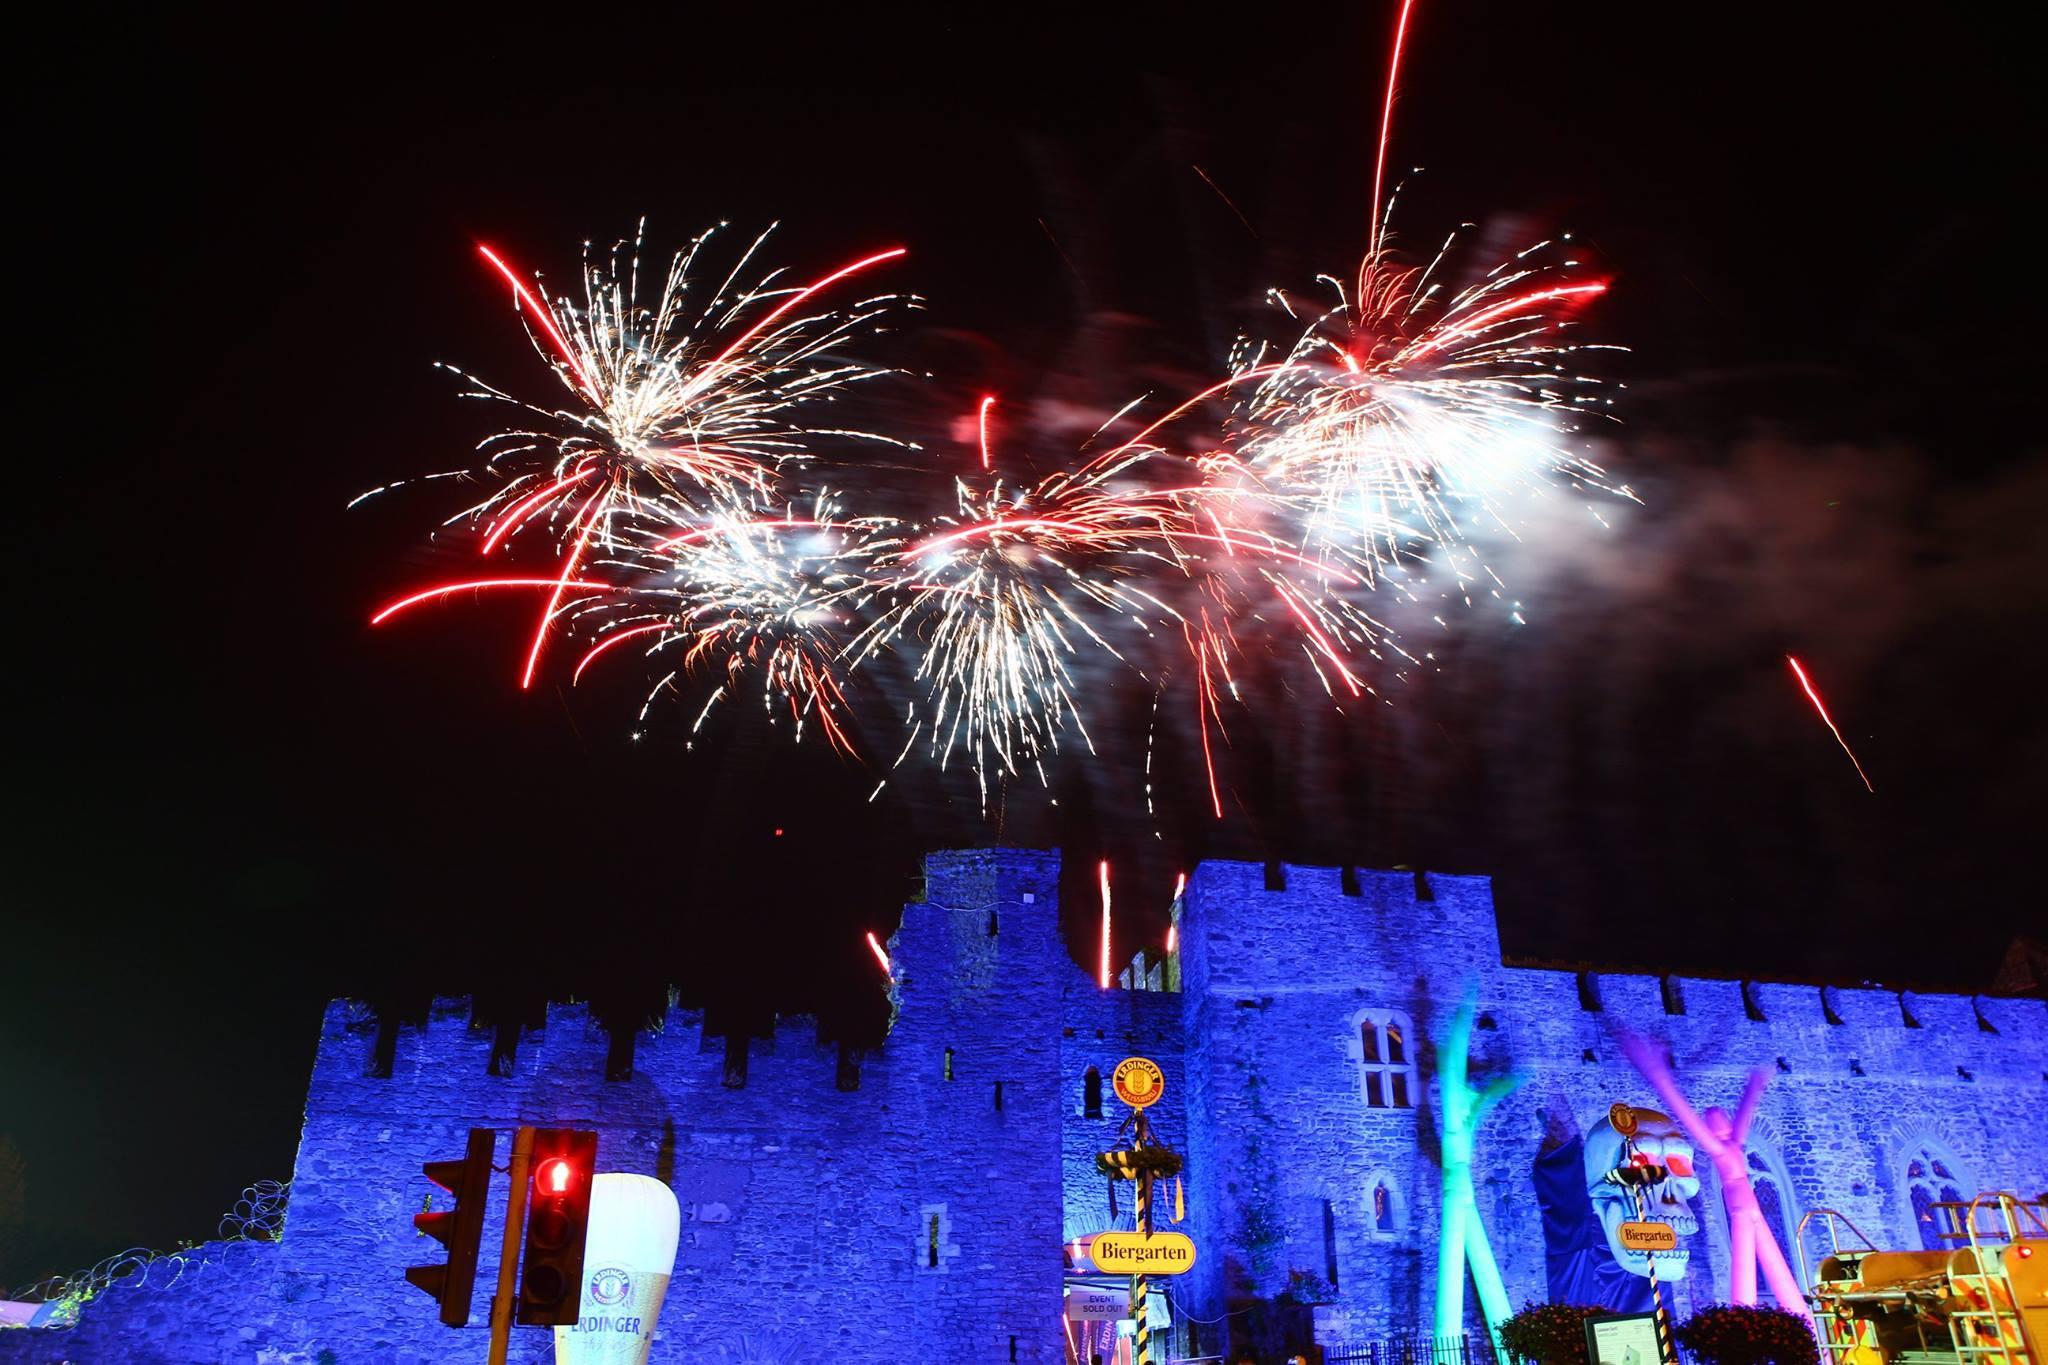 Fireworks at Swords